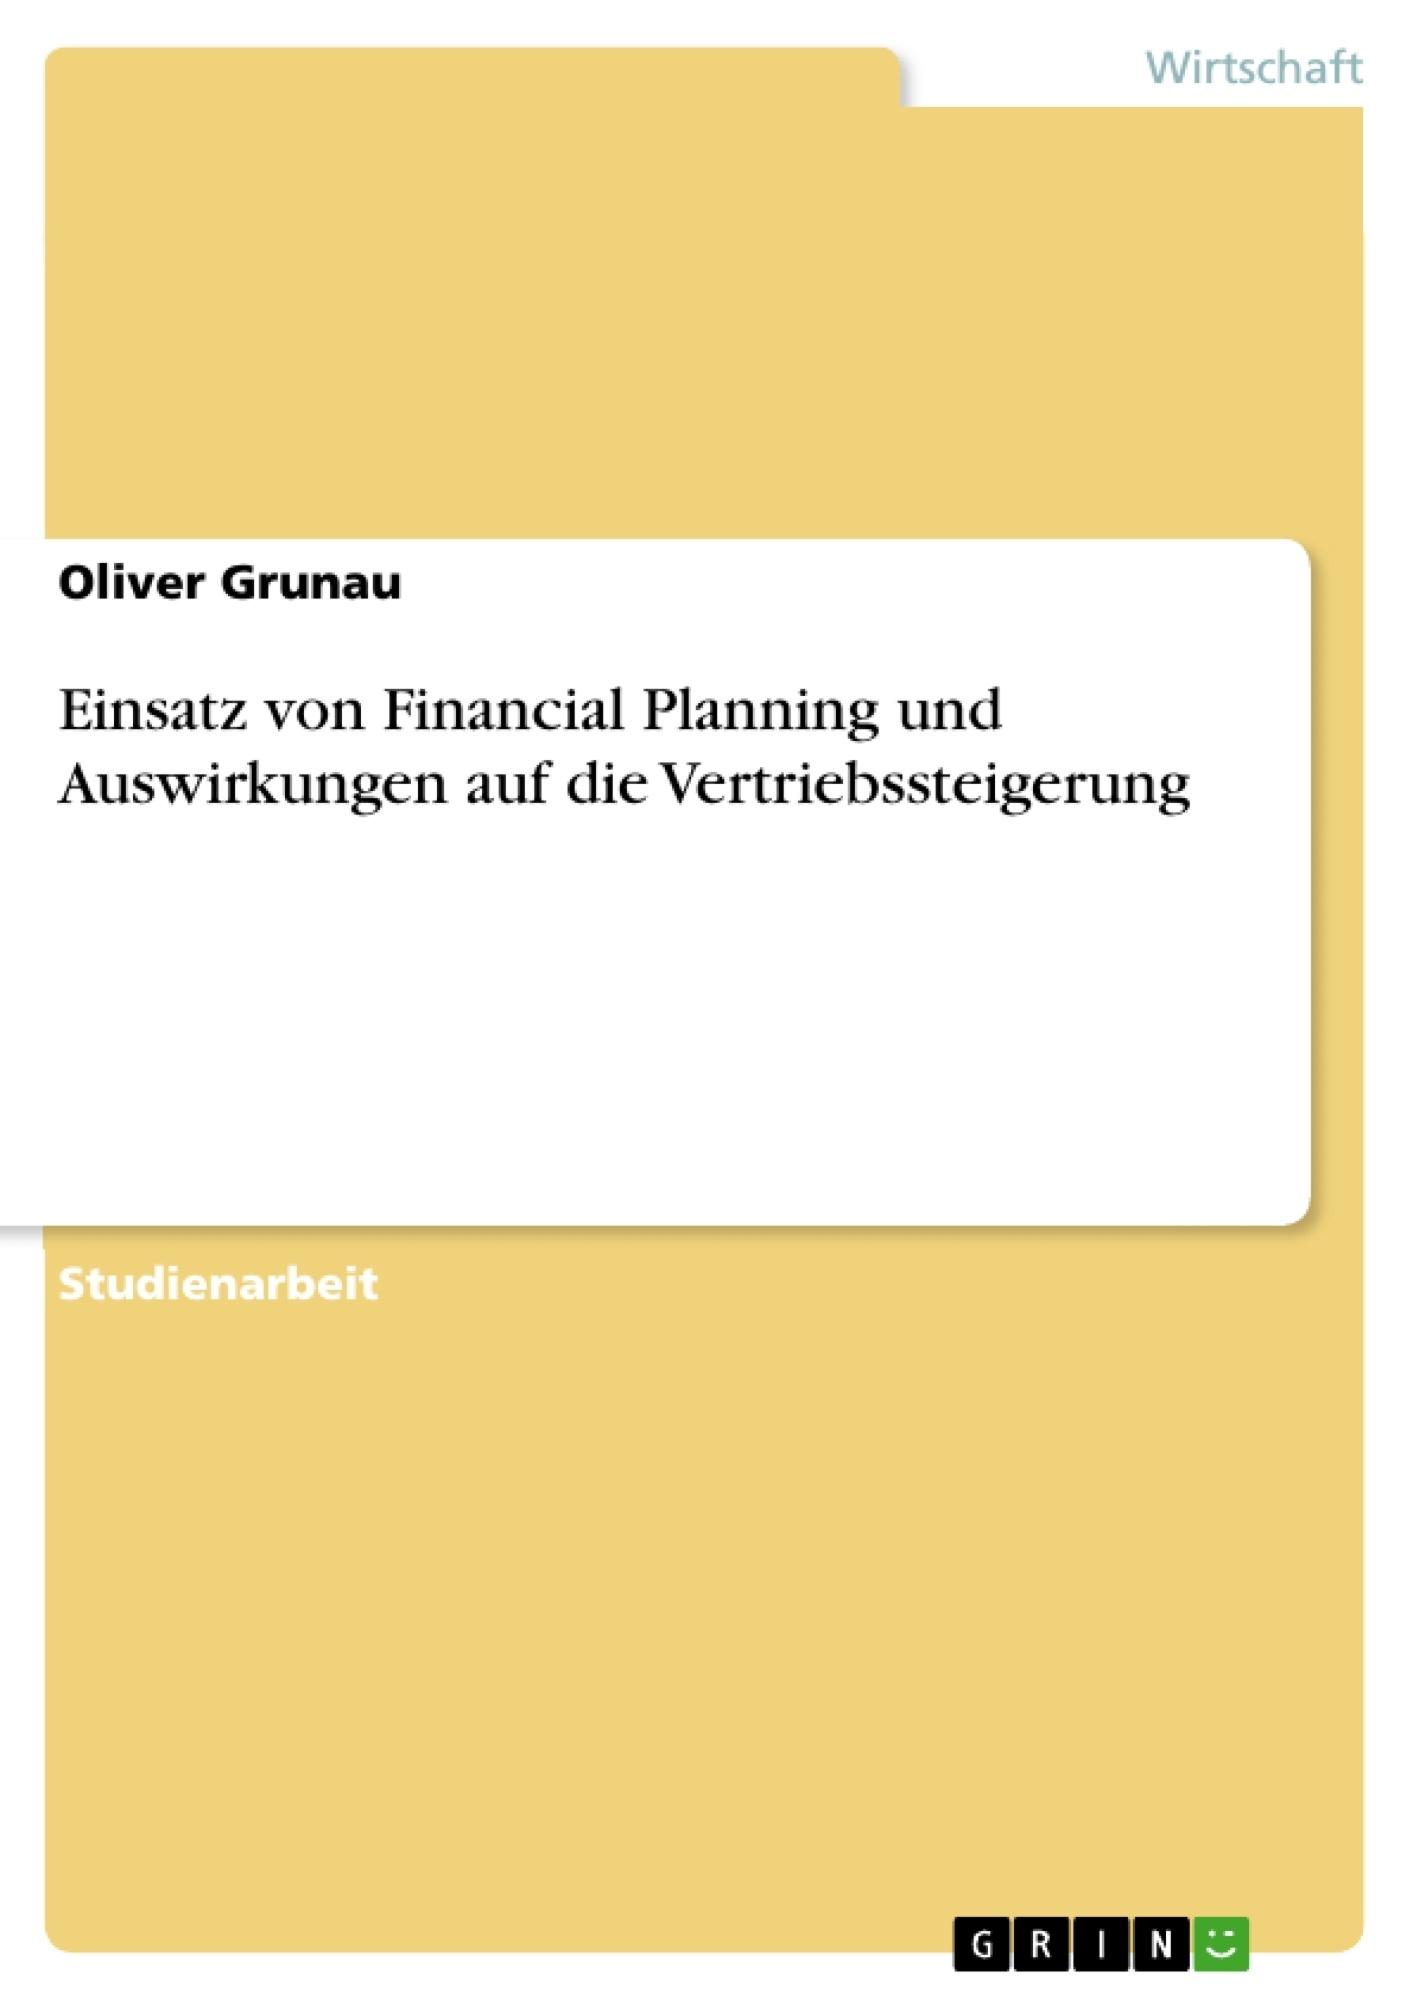 Titel: Einsatz von Financial Planning und Auswirkungen auf die Vertriebssteigerung